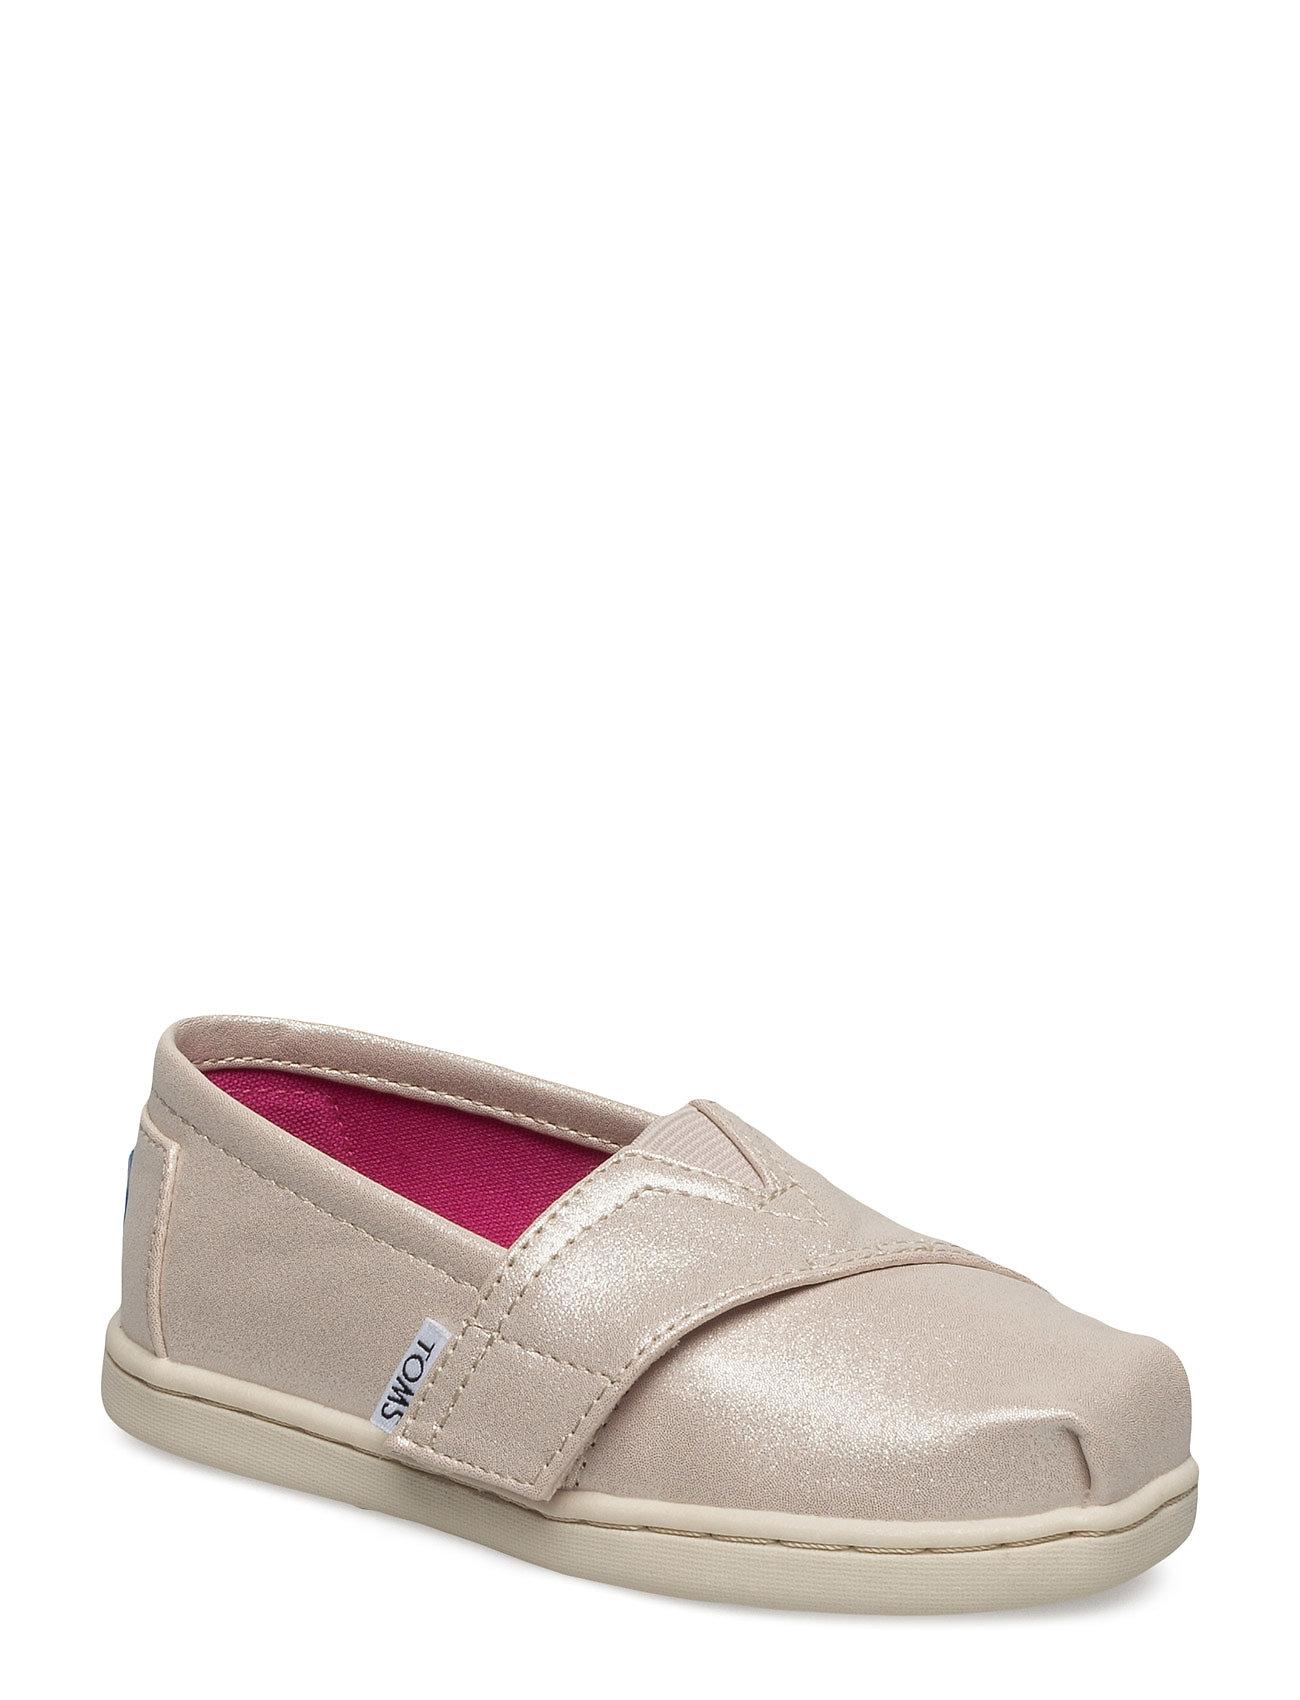 Pale Gold Shimmer Pu Alpargata TOMS Sko & Sneakers til Børn i